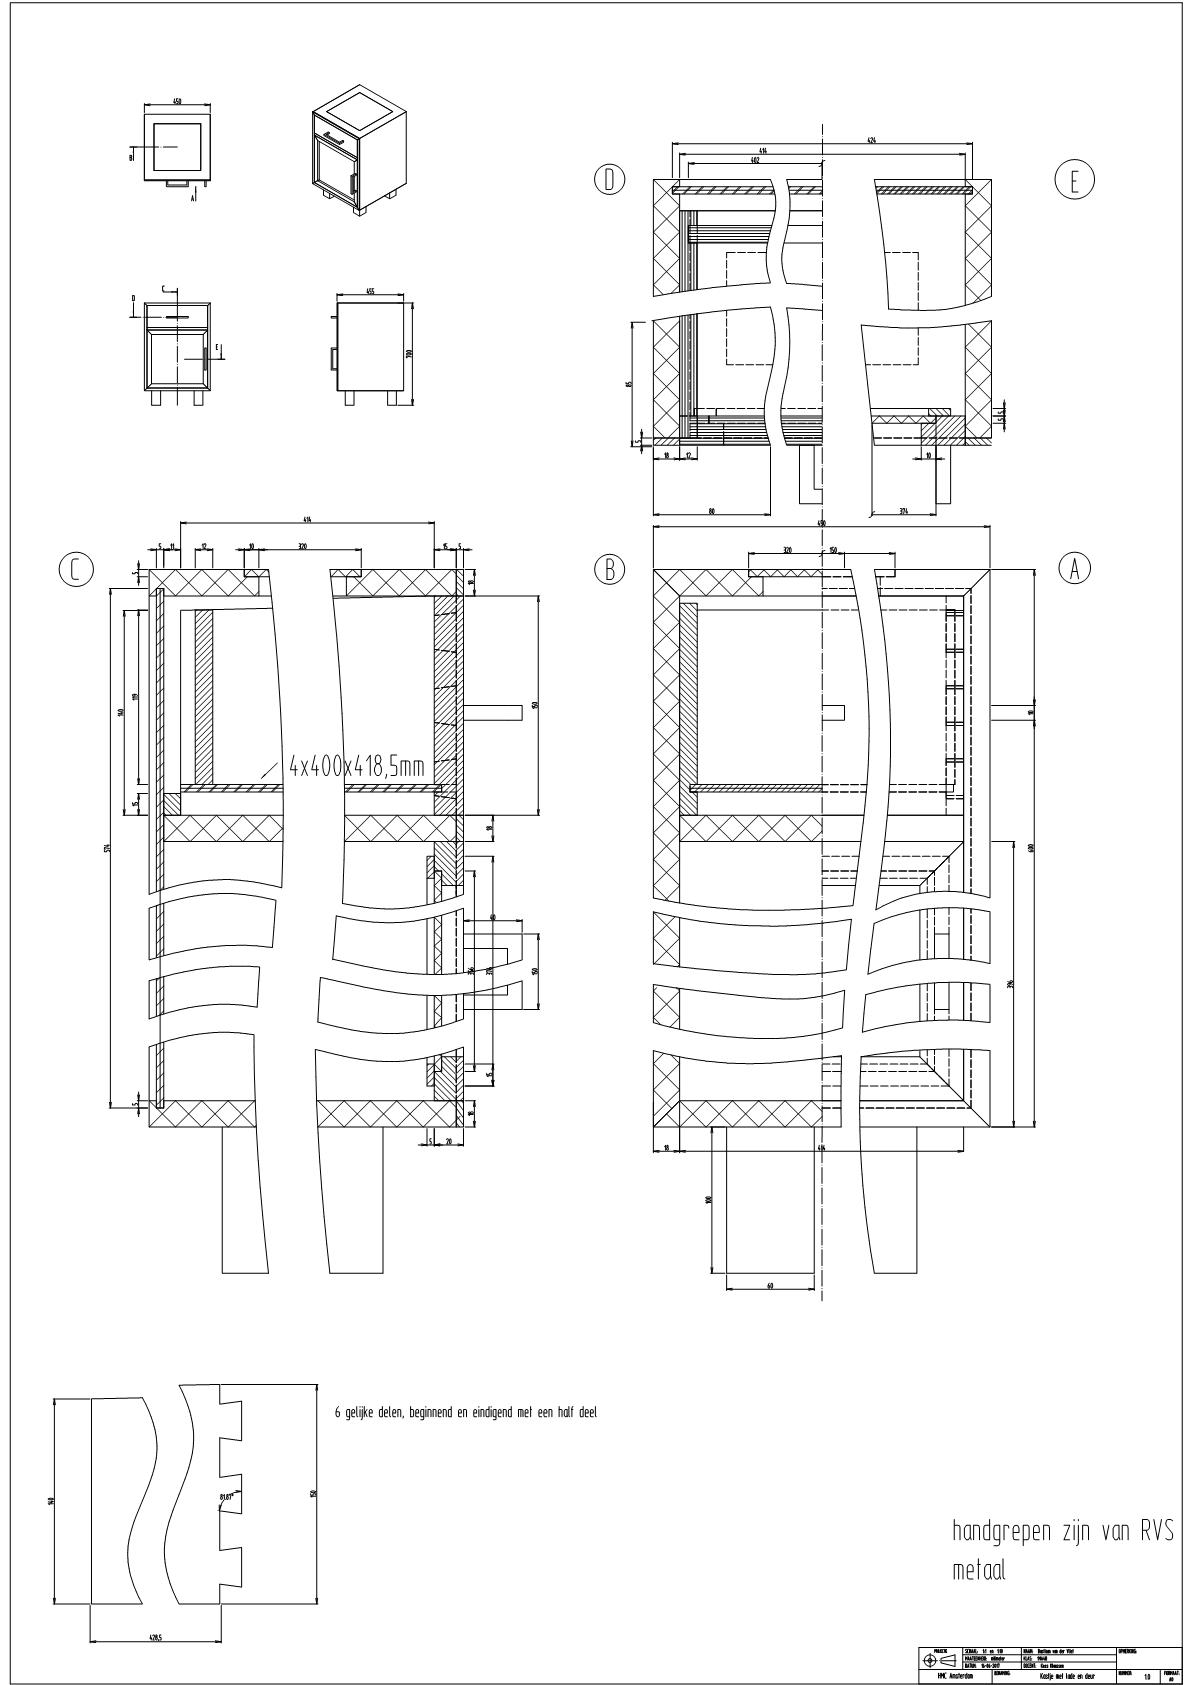 Werktekening kastje met lade en deur